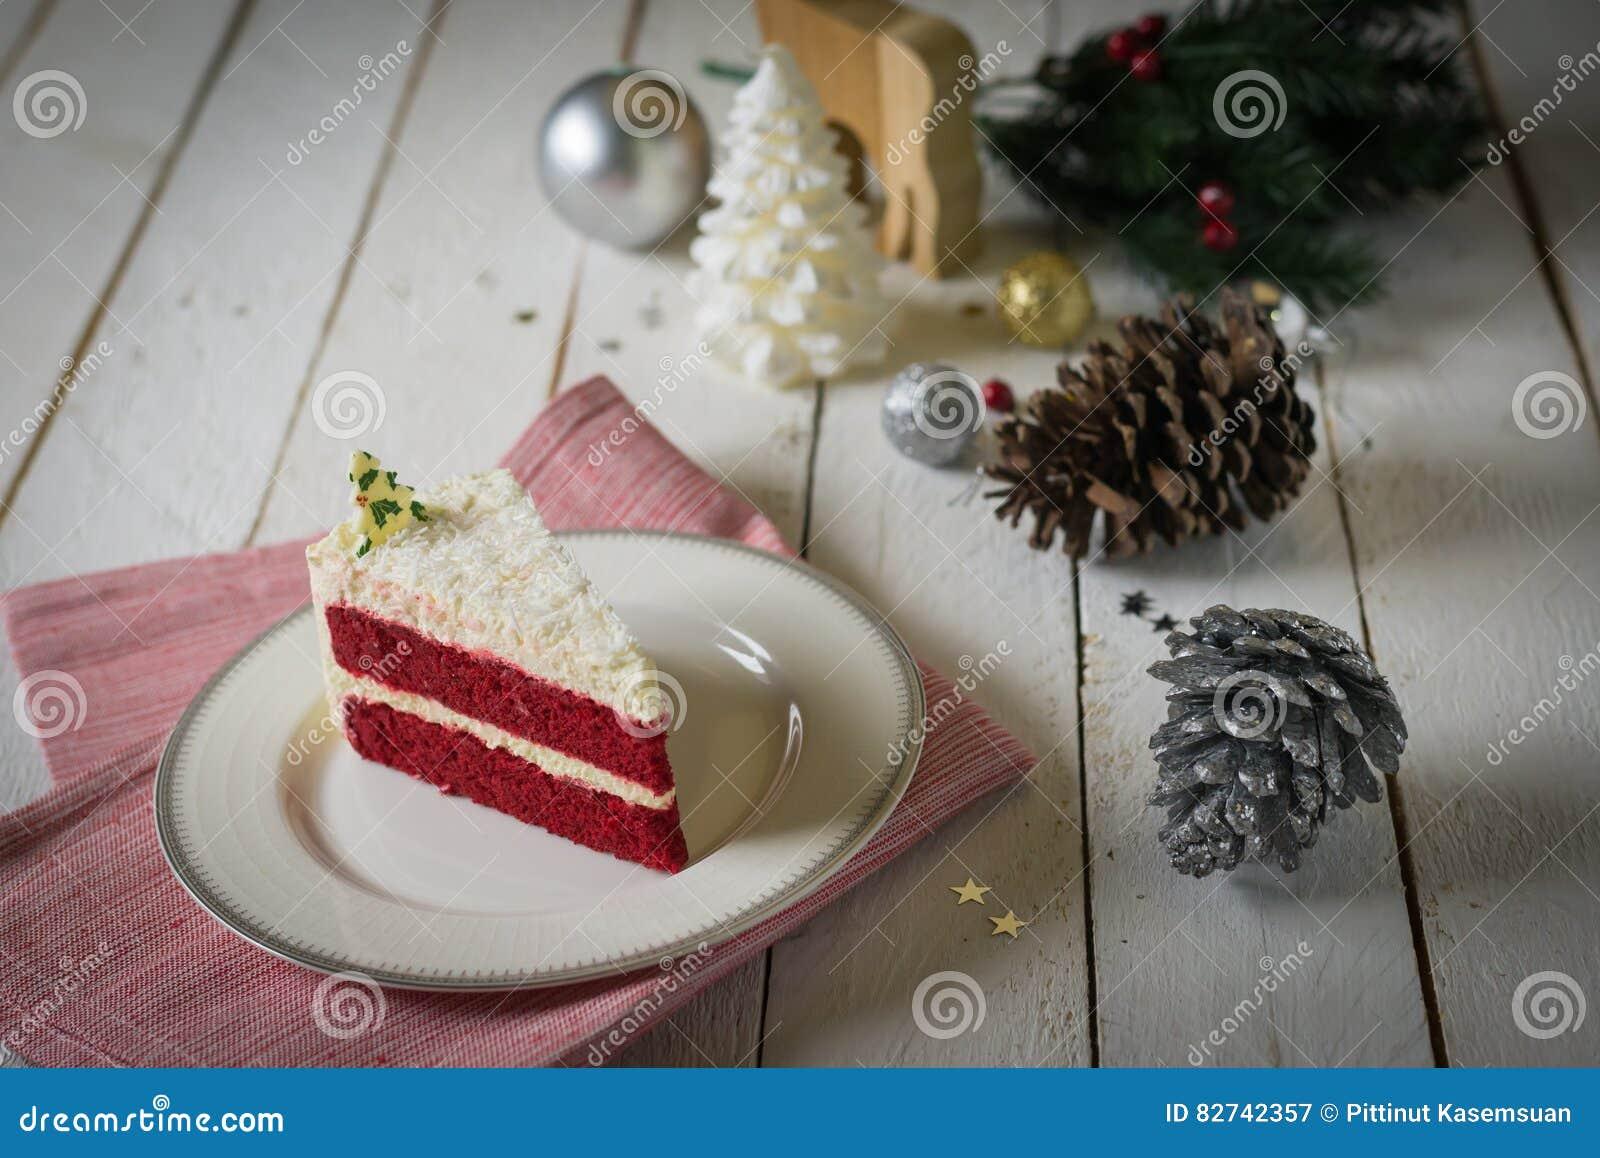 Gâteau Rouge De Velours Avec La Décoration Crème Blanche Sur La